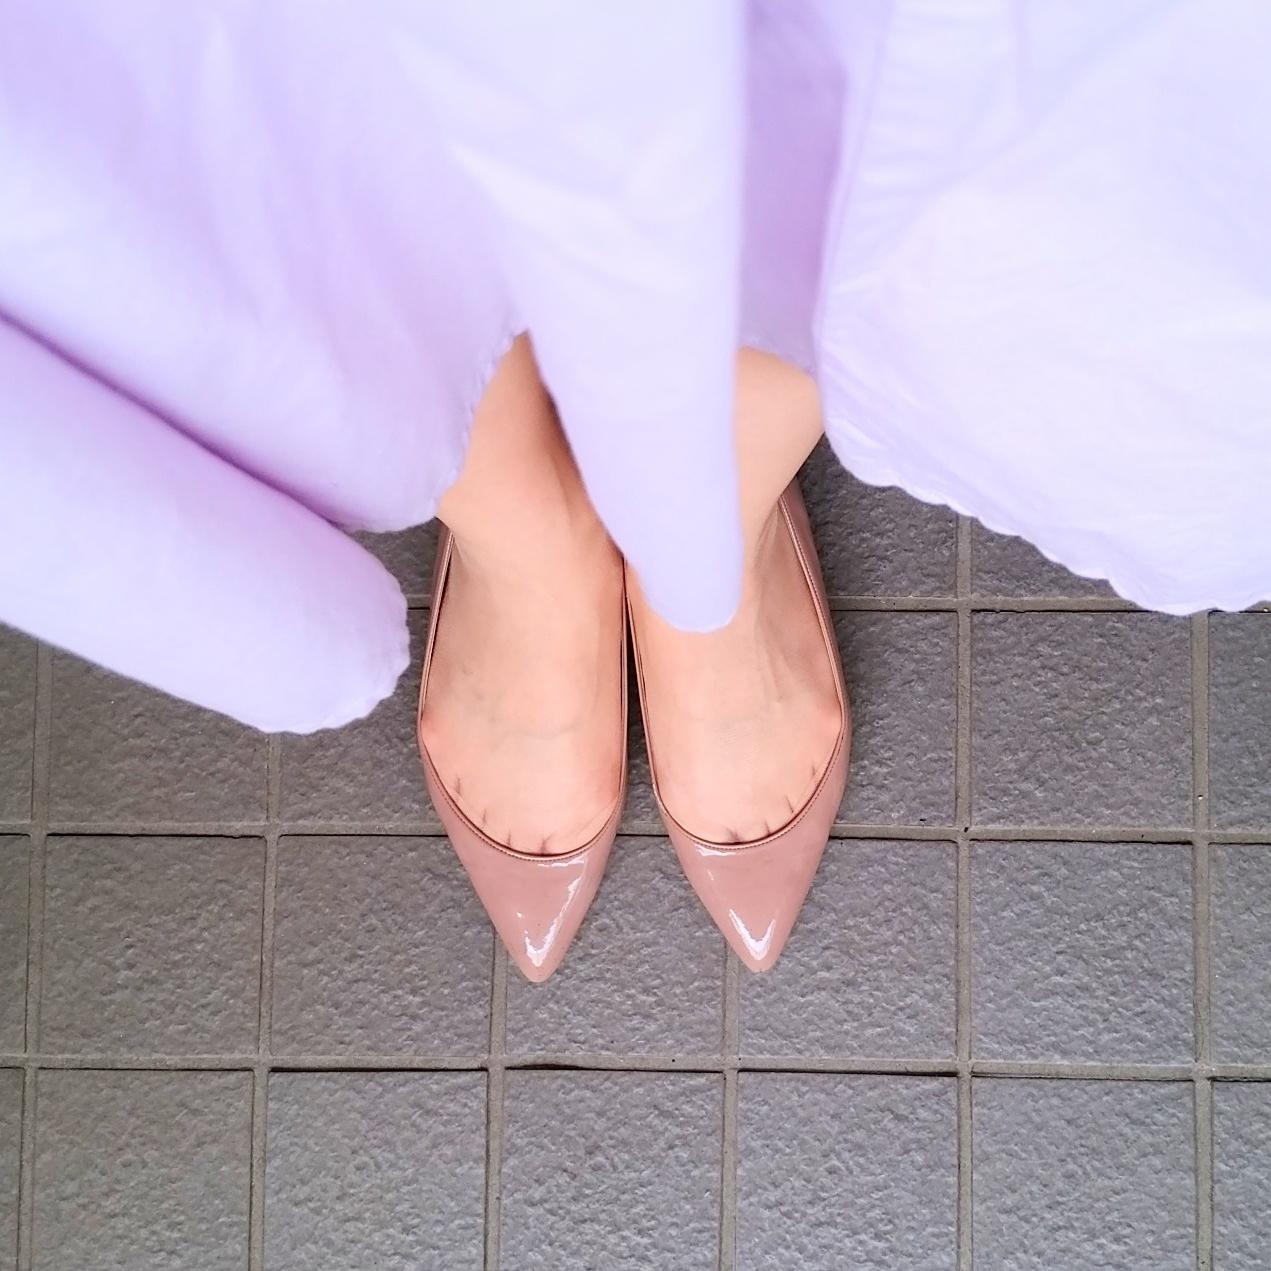 大好き!フラットシューズ!【マリソル美女組ブログPICK UP】_1_1-5